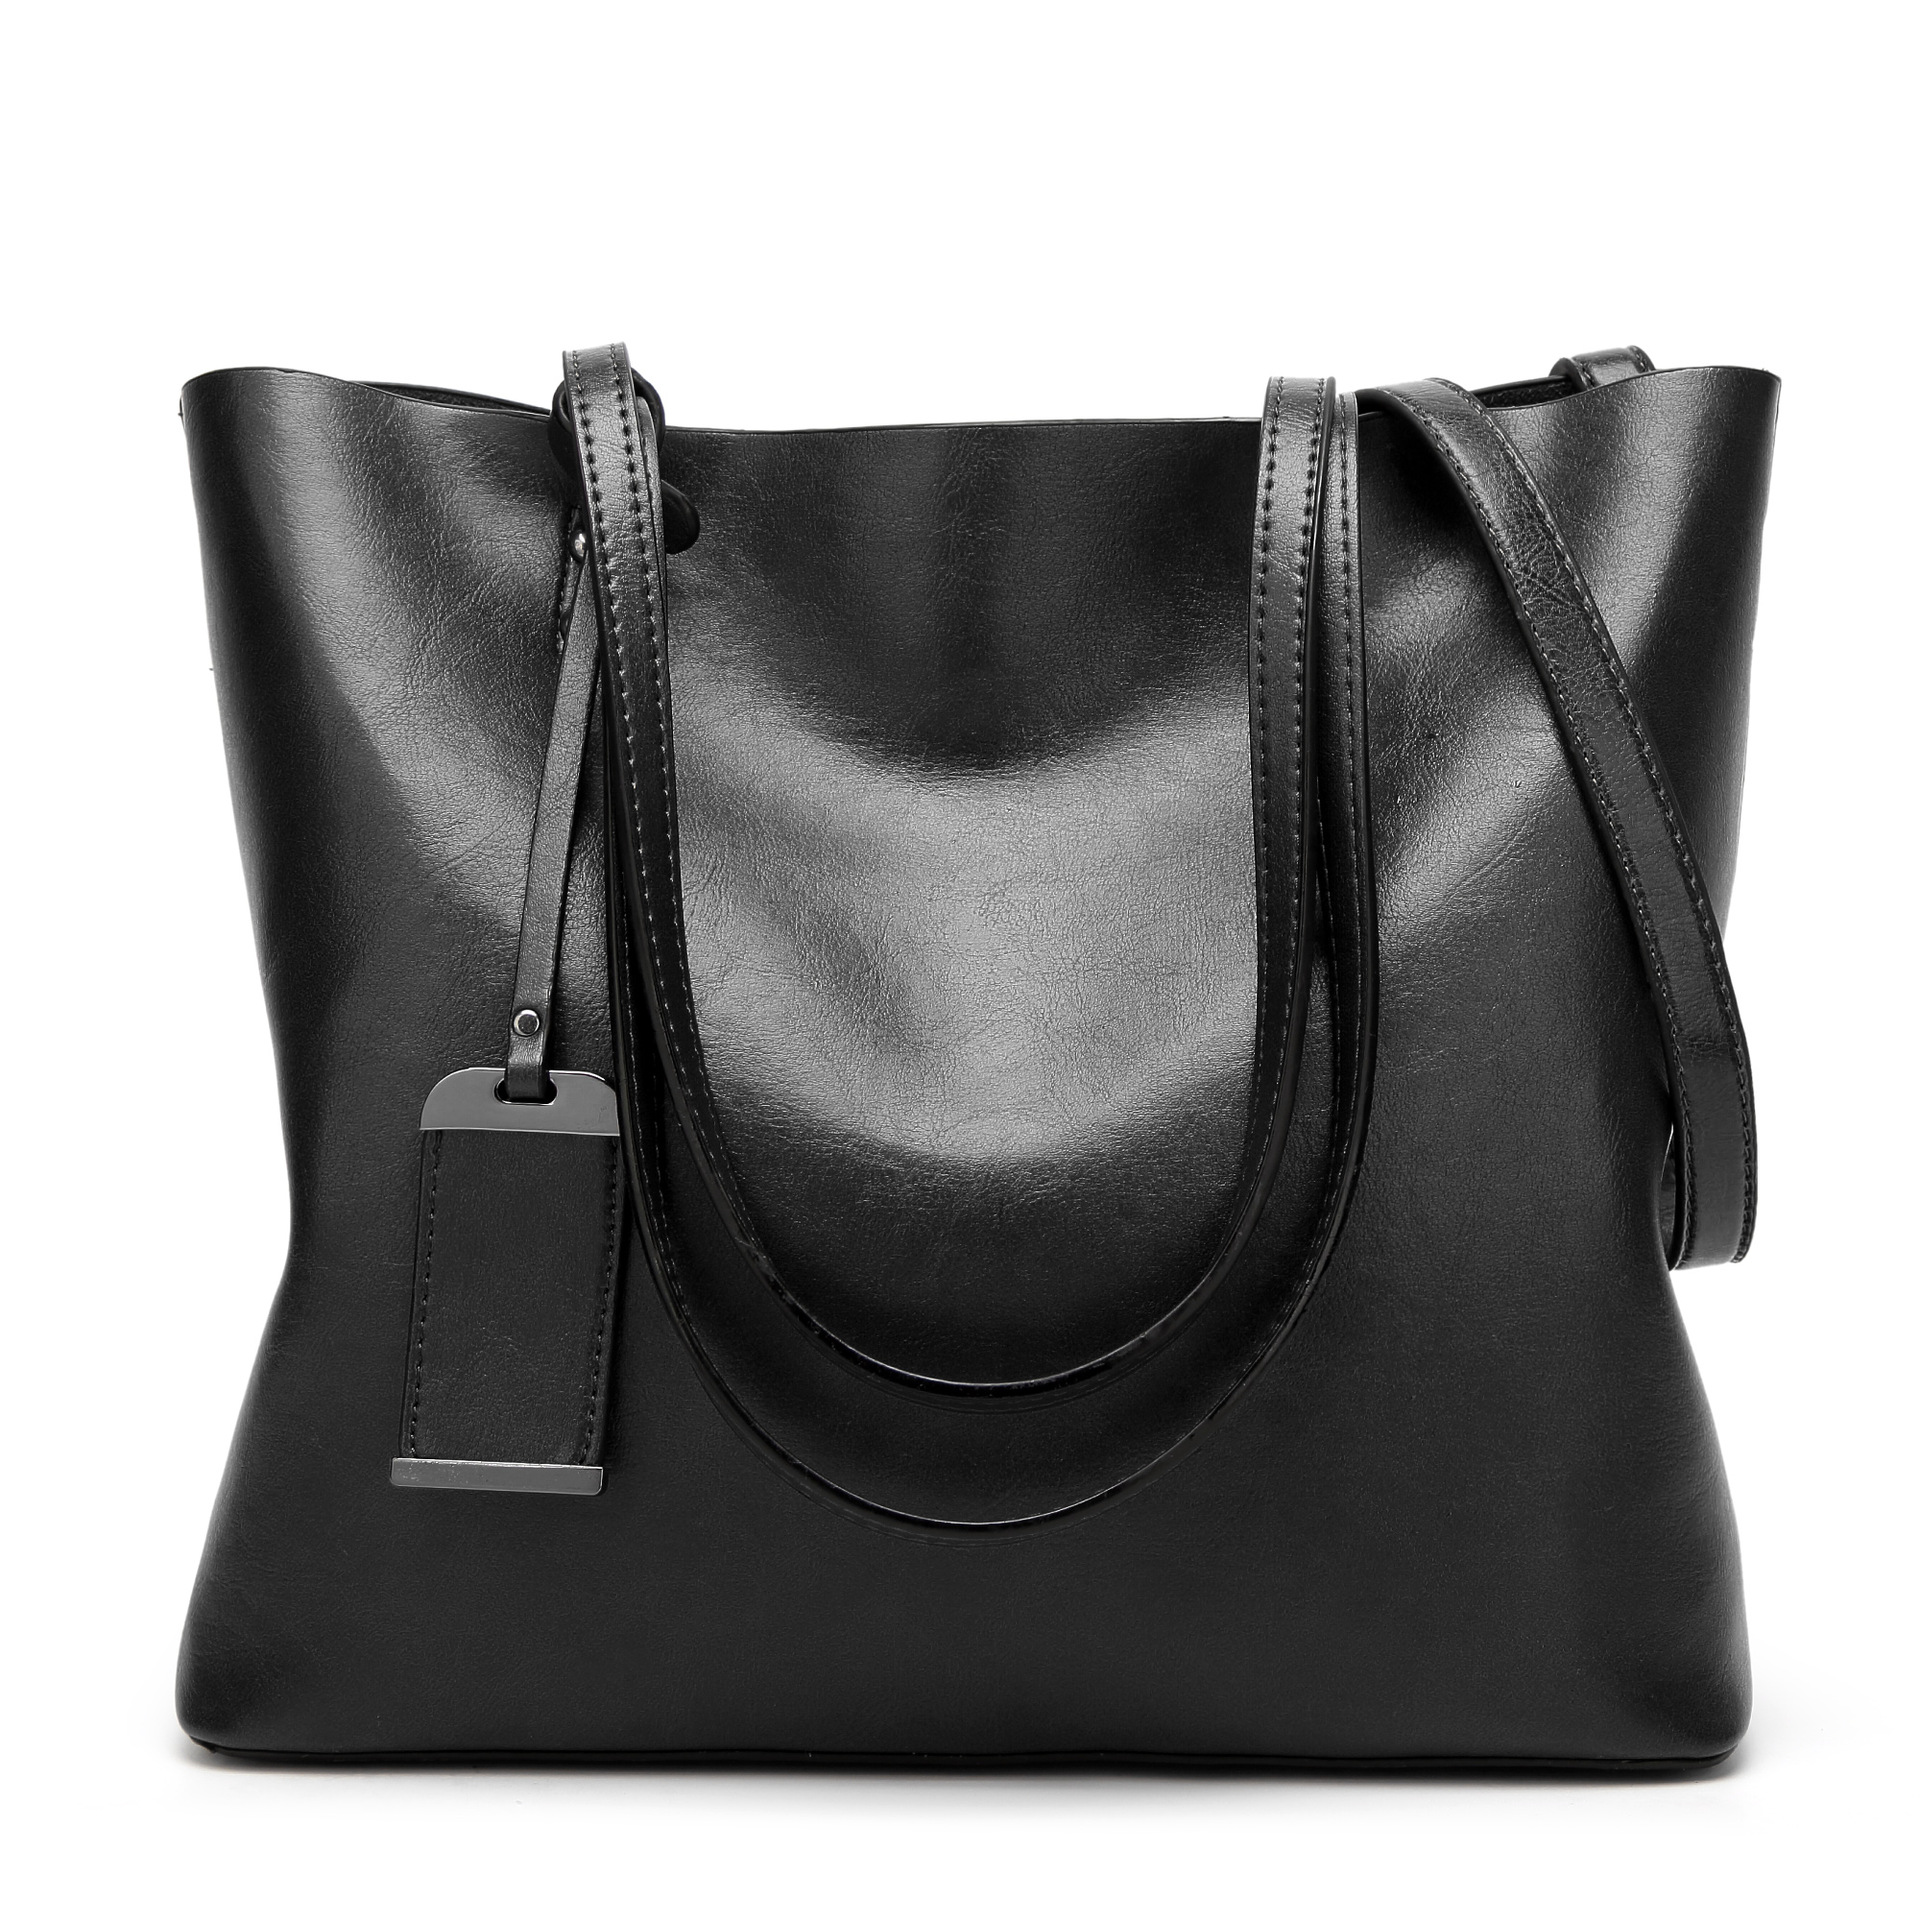 Image 2 - Высокое качество, хит продаж, женские повседневные сумки, масло, воск, кожа, женская сумка на плечо, дизайнерская женская винтажная сумка через плечо, большая C1079-in Сумки с ручками from Багаж и сумки